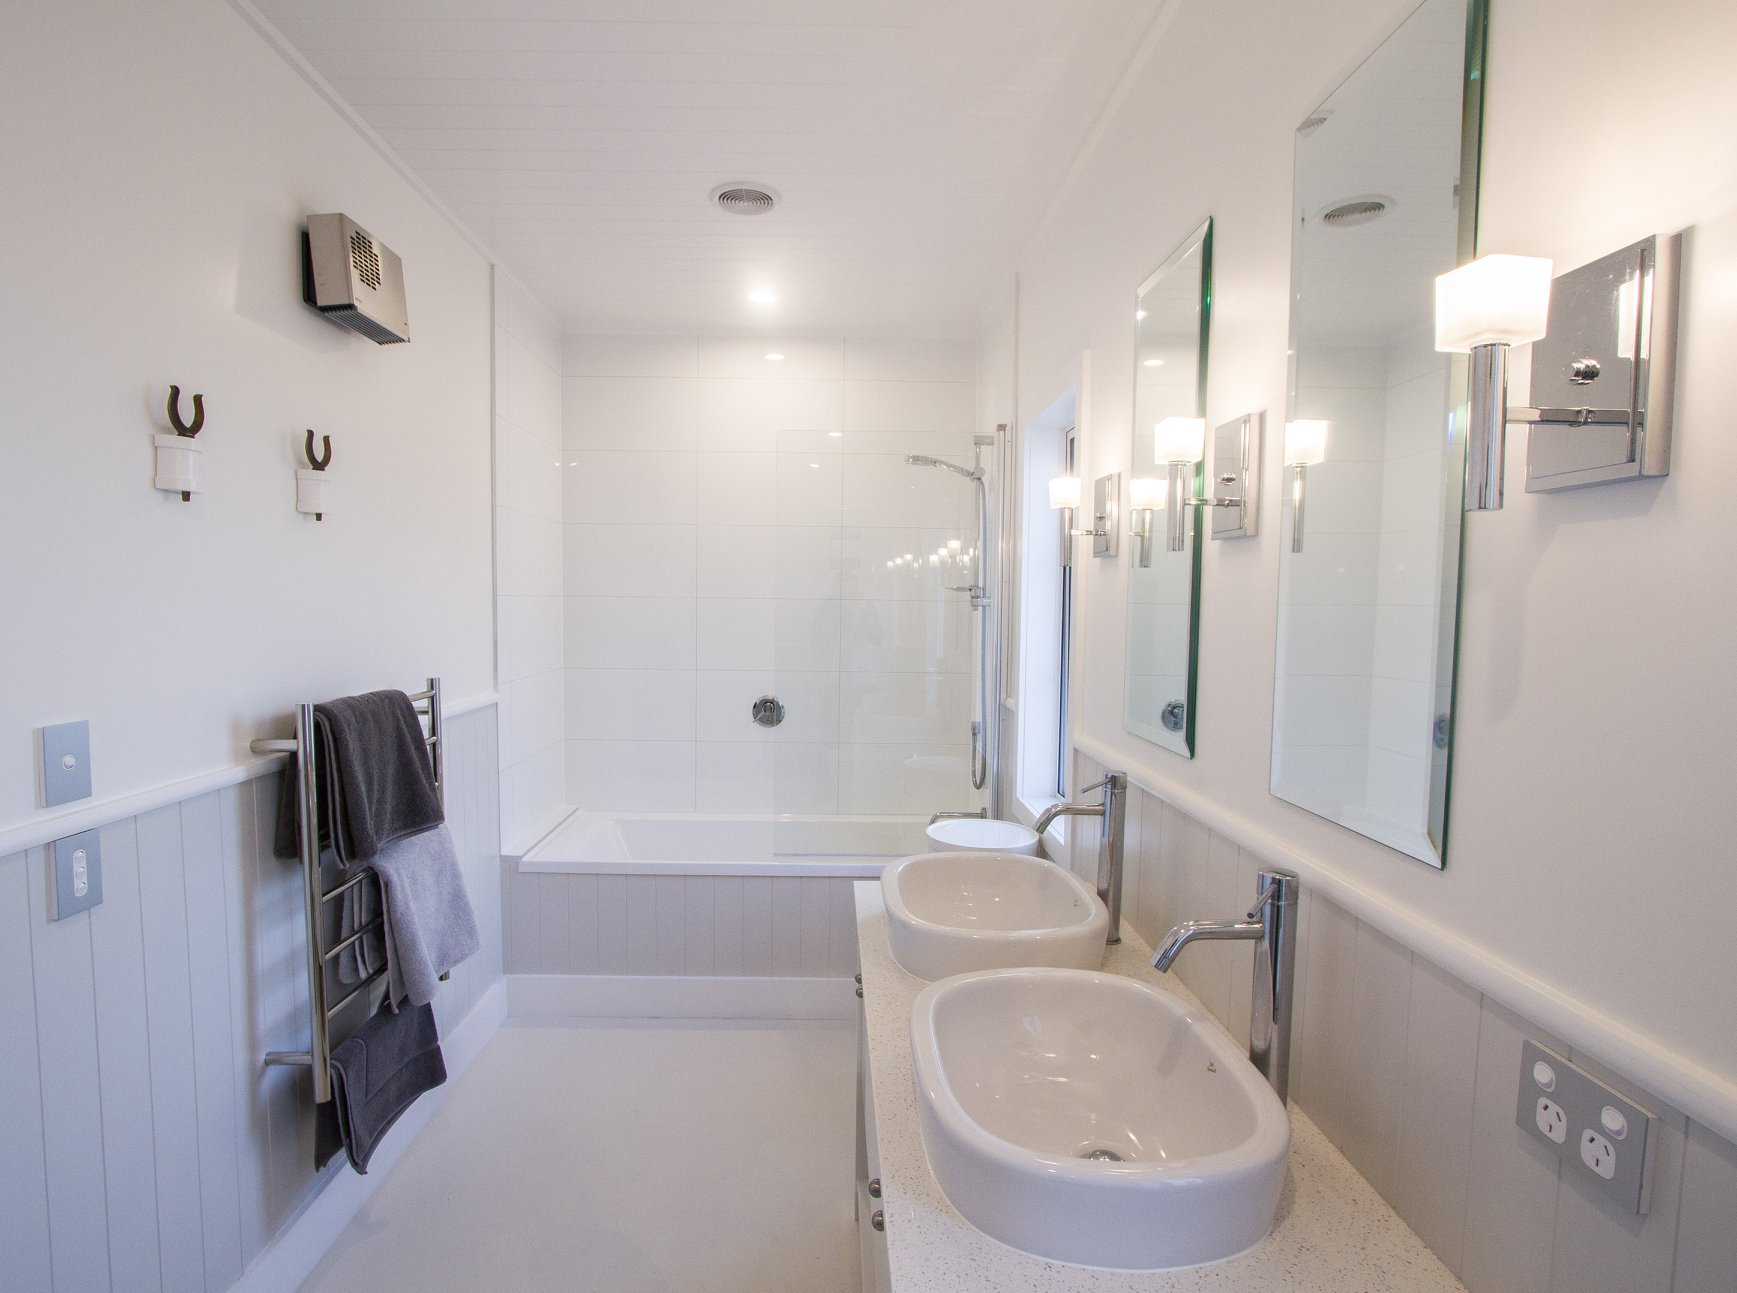 Dunn Residence, Wharekauhau (8).jpg